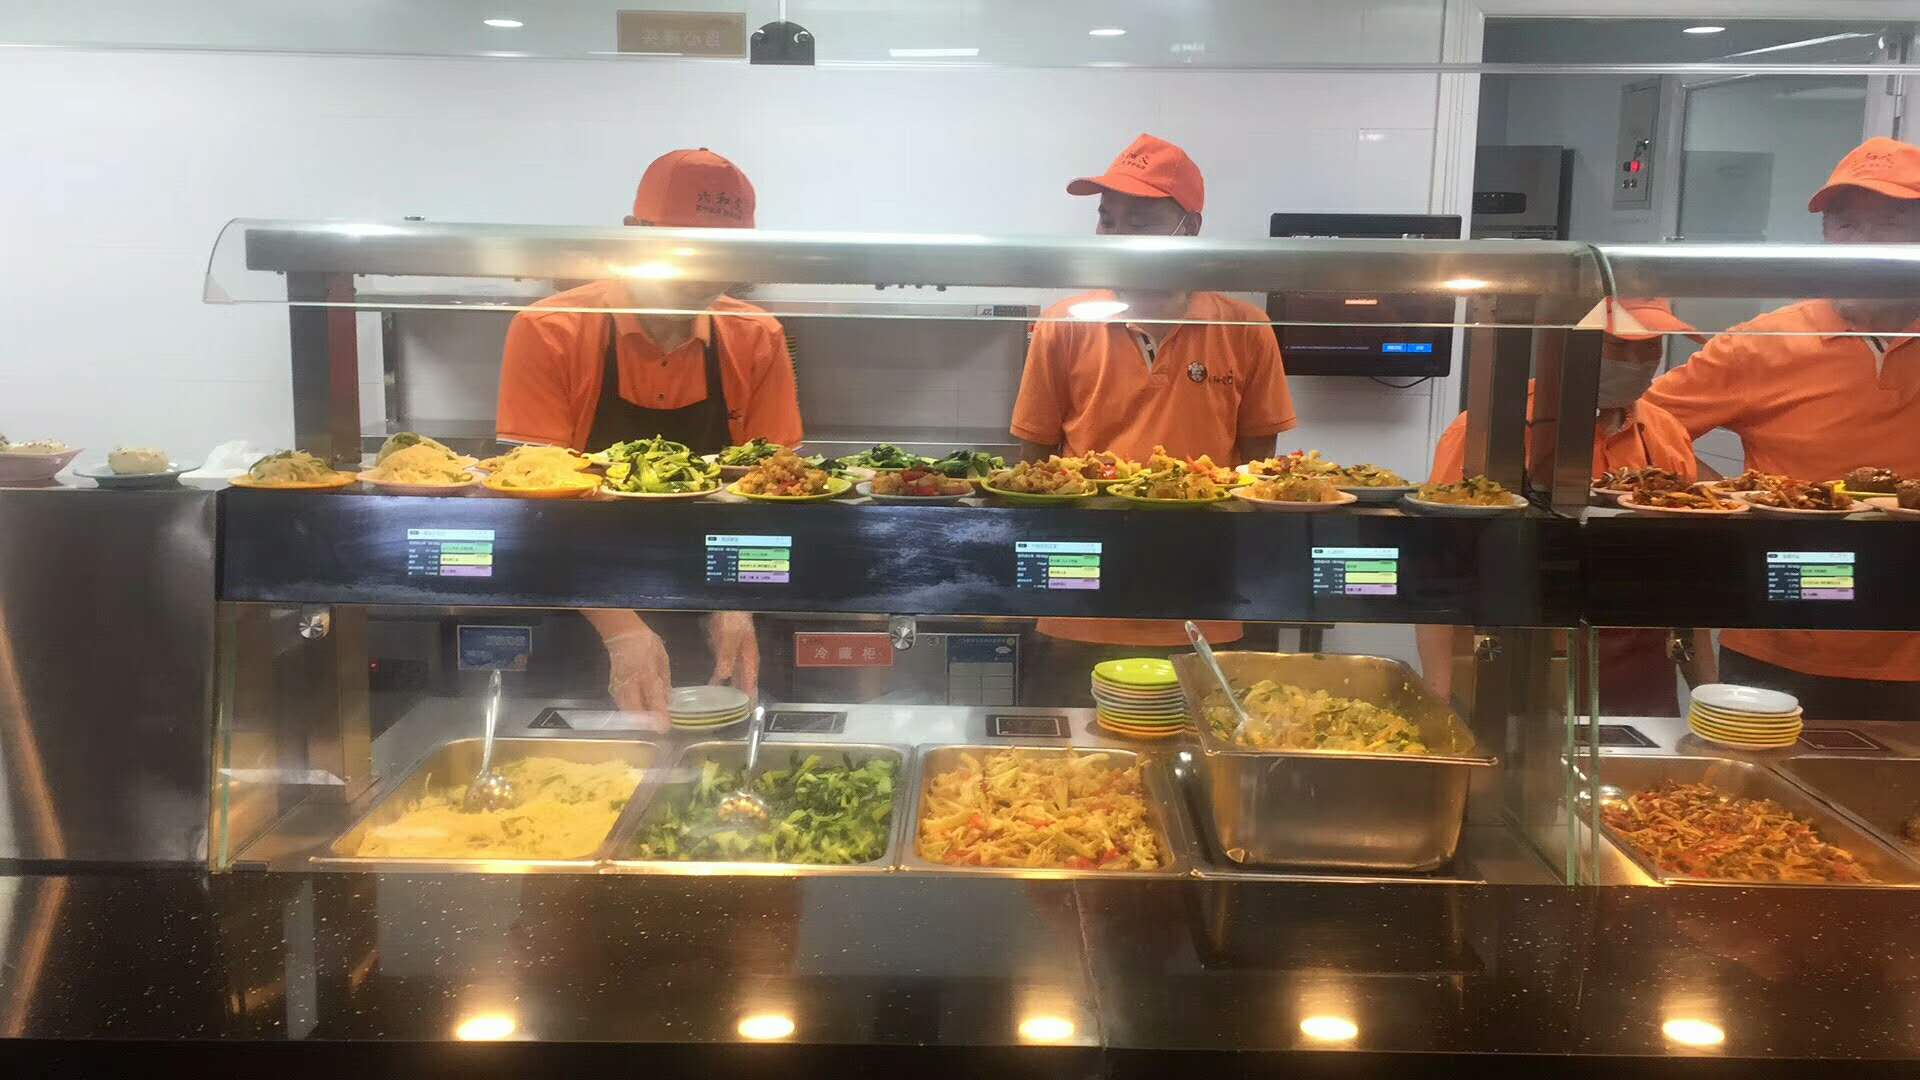 市监局为加强校园食堂监管力度,做出以下措施